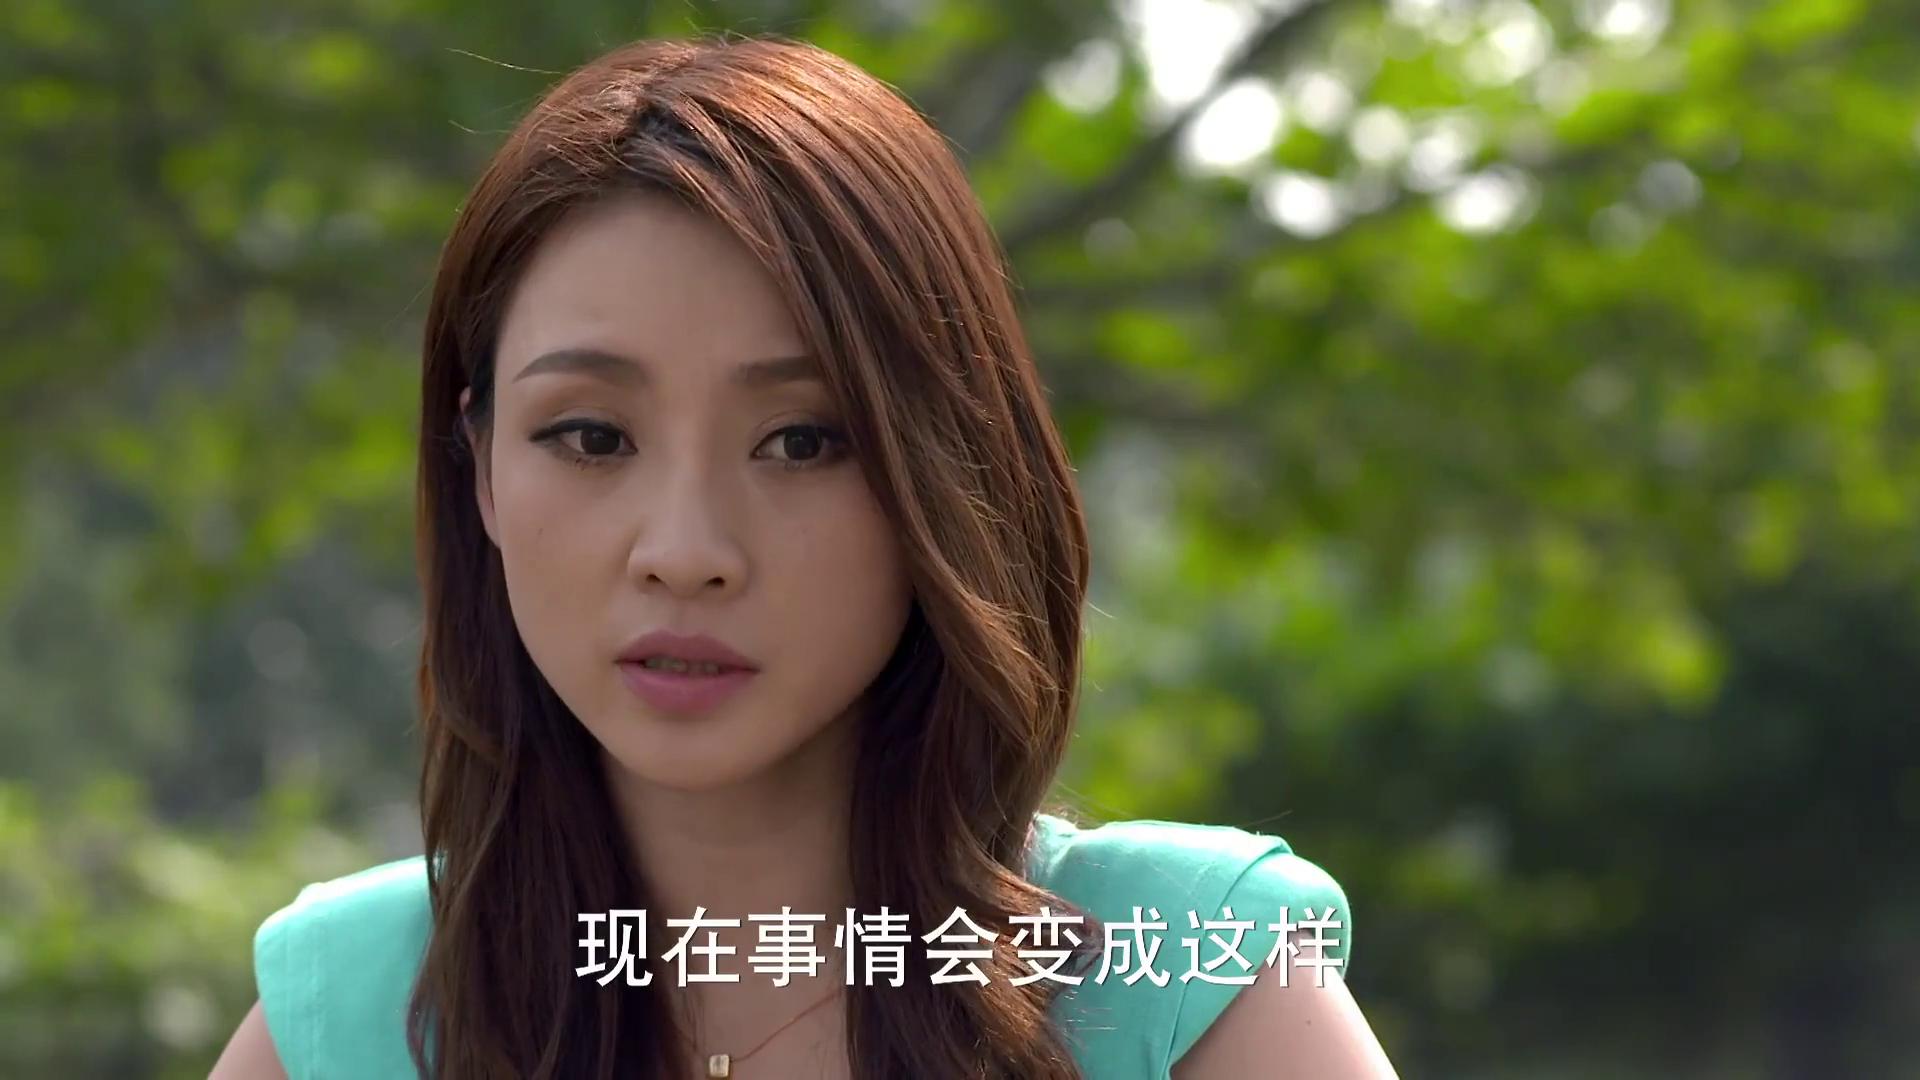 《咱们结婚吧》-第20集精彩看点 未未提荒诞要求 逼李葵助友寻夫